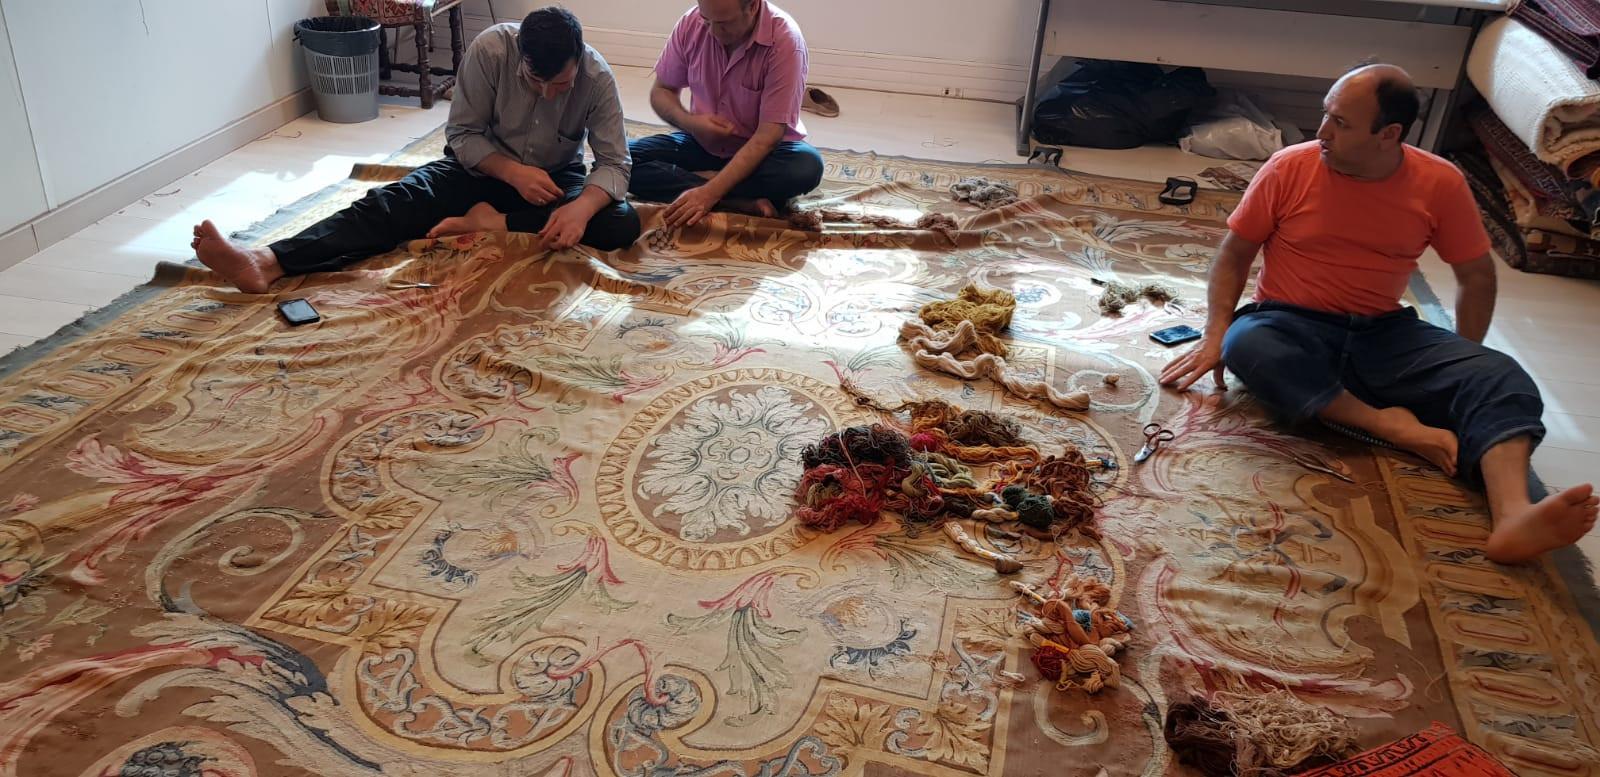 Atelier des Arts - Restauration de tapis